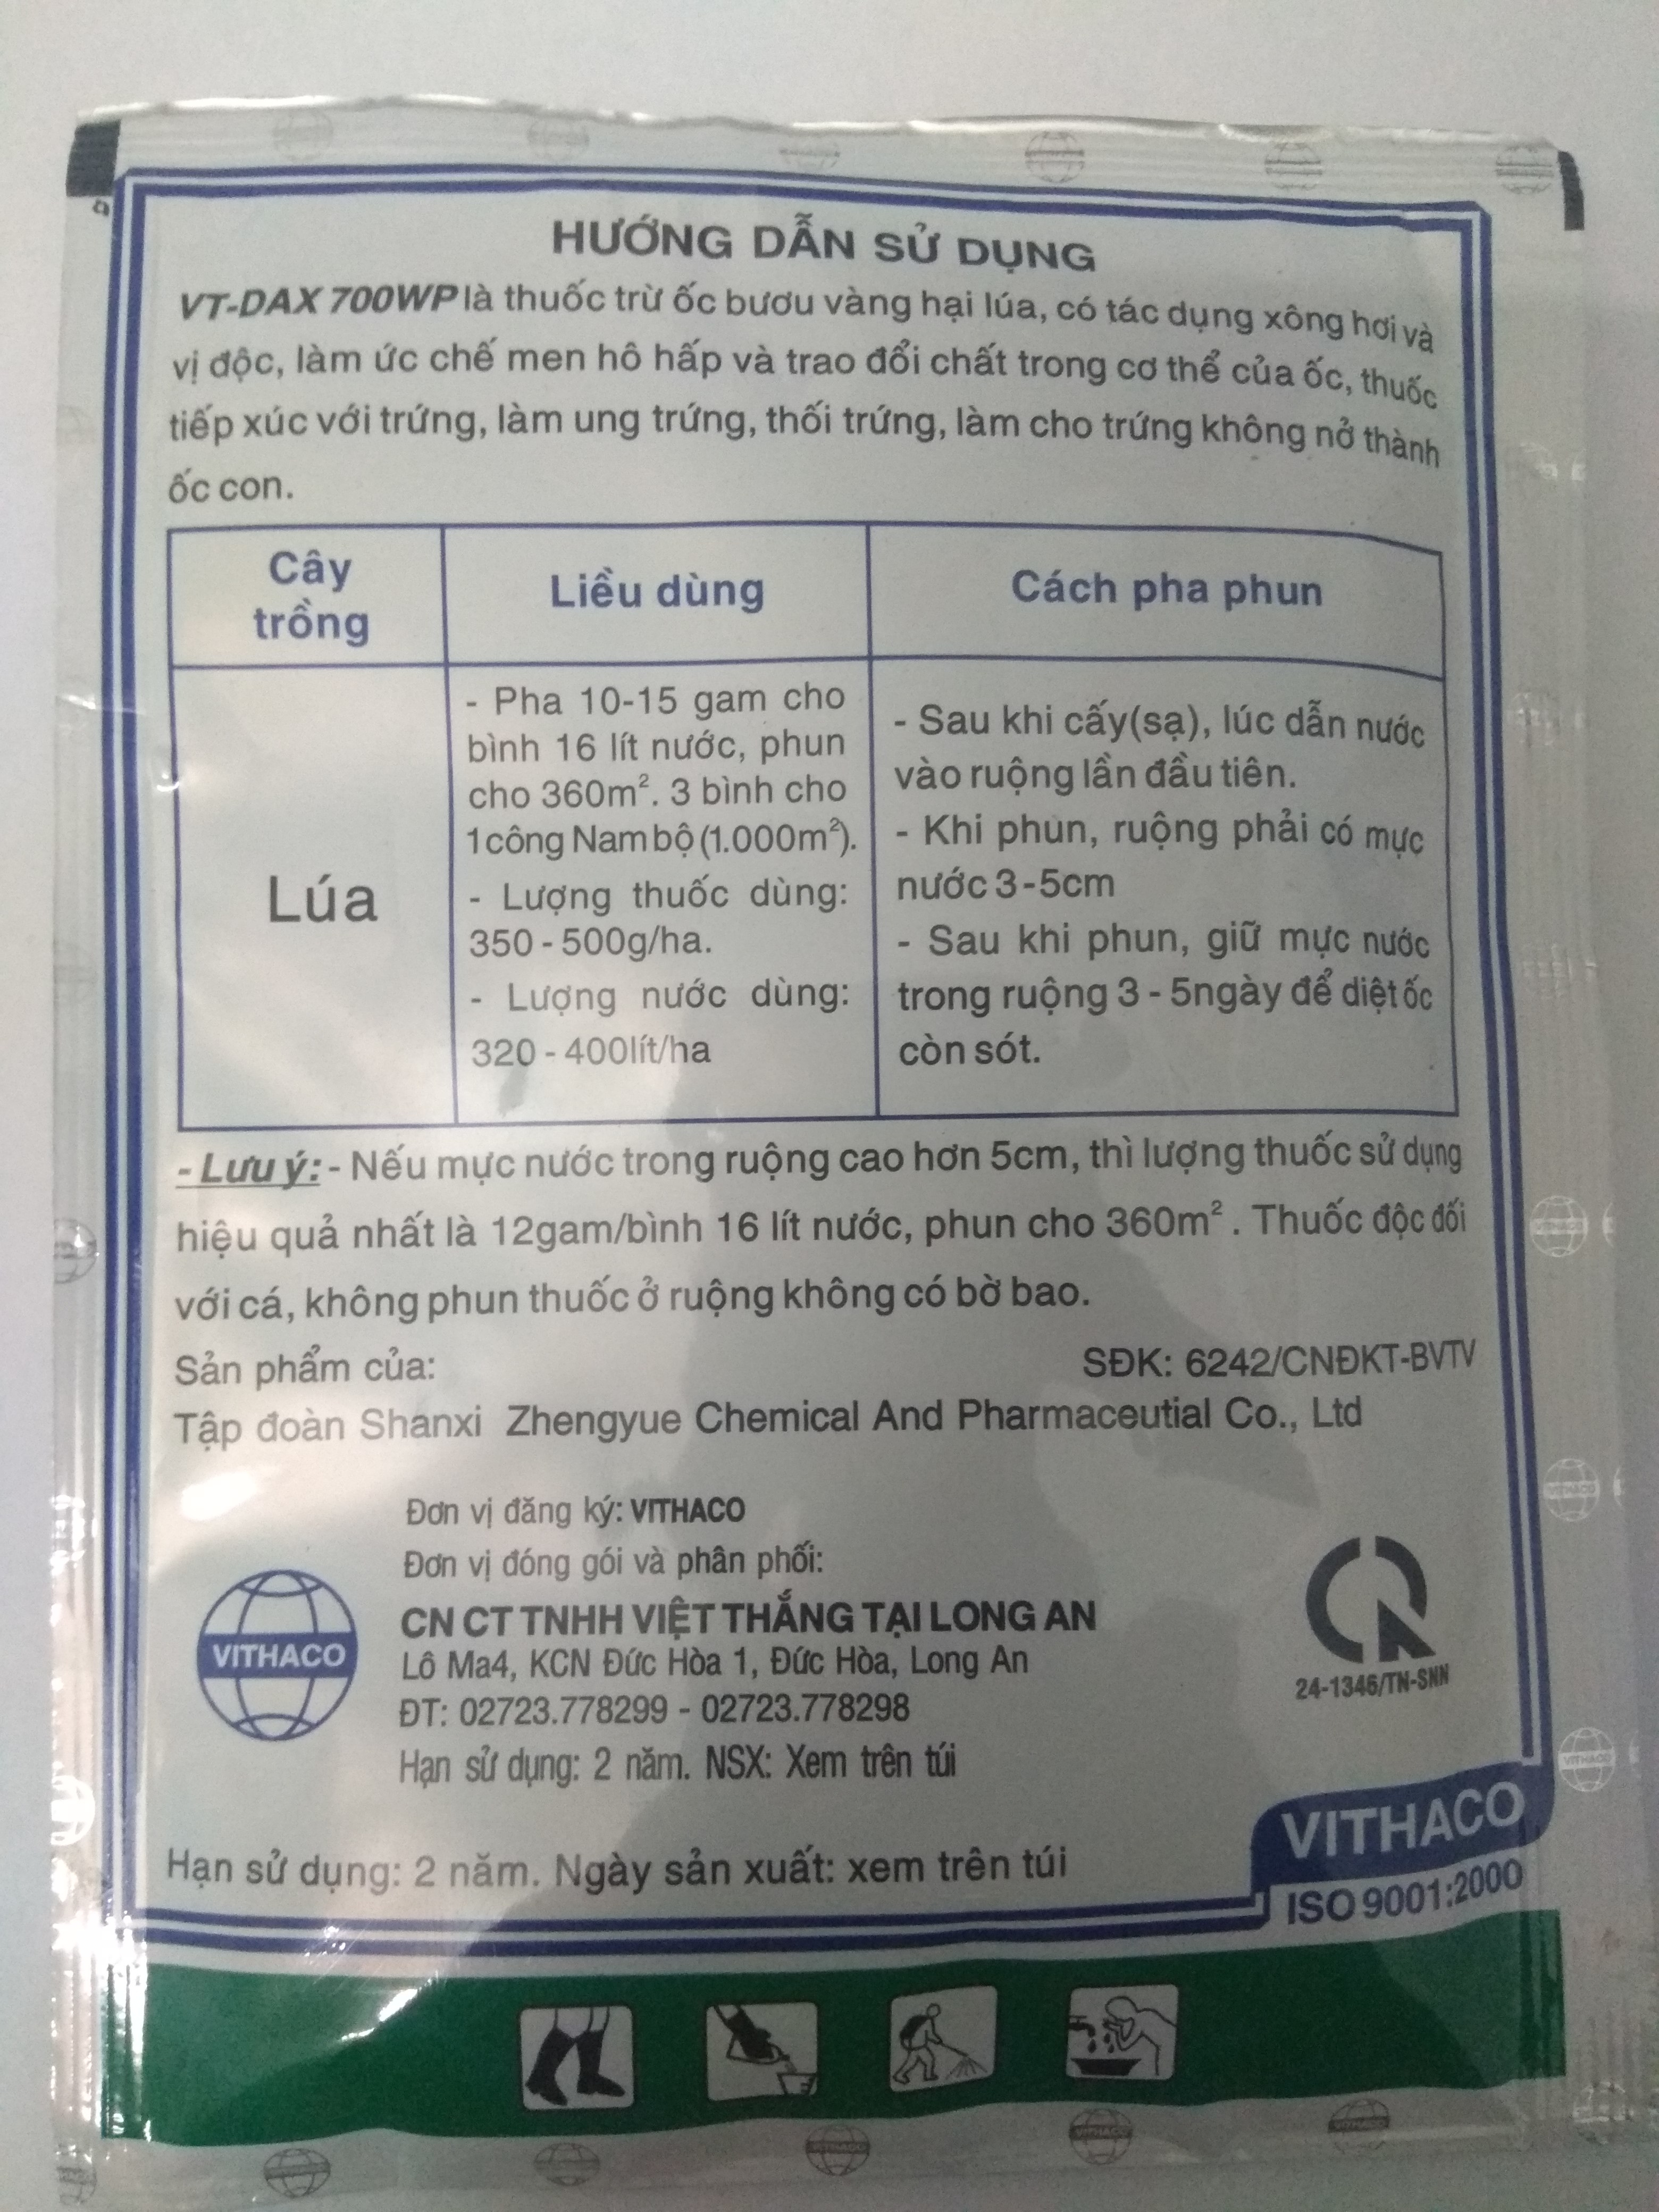 Thuốc diệt ốc bươu vàng dạng phun xịt VT-Dax 700wp gói 35g